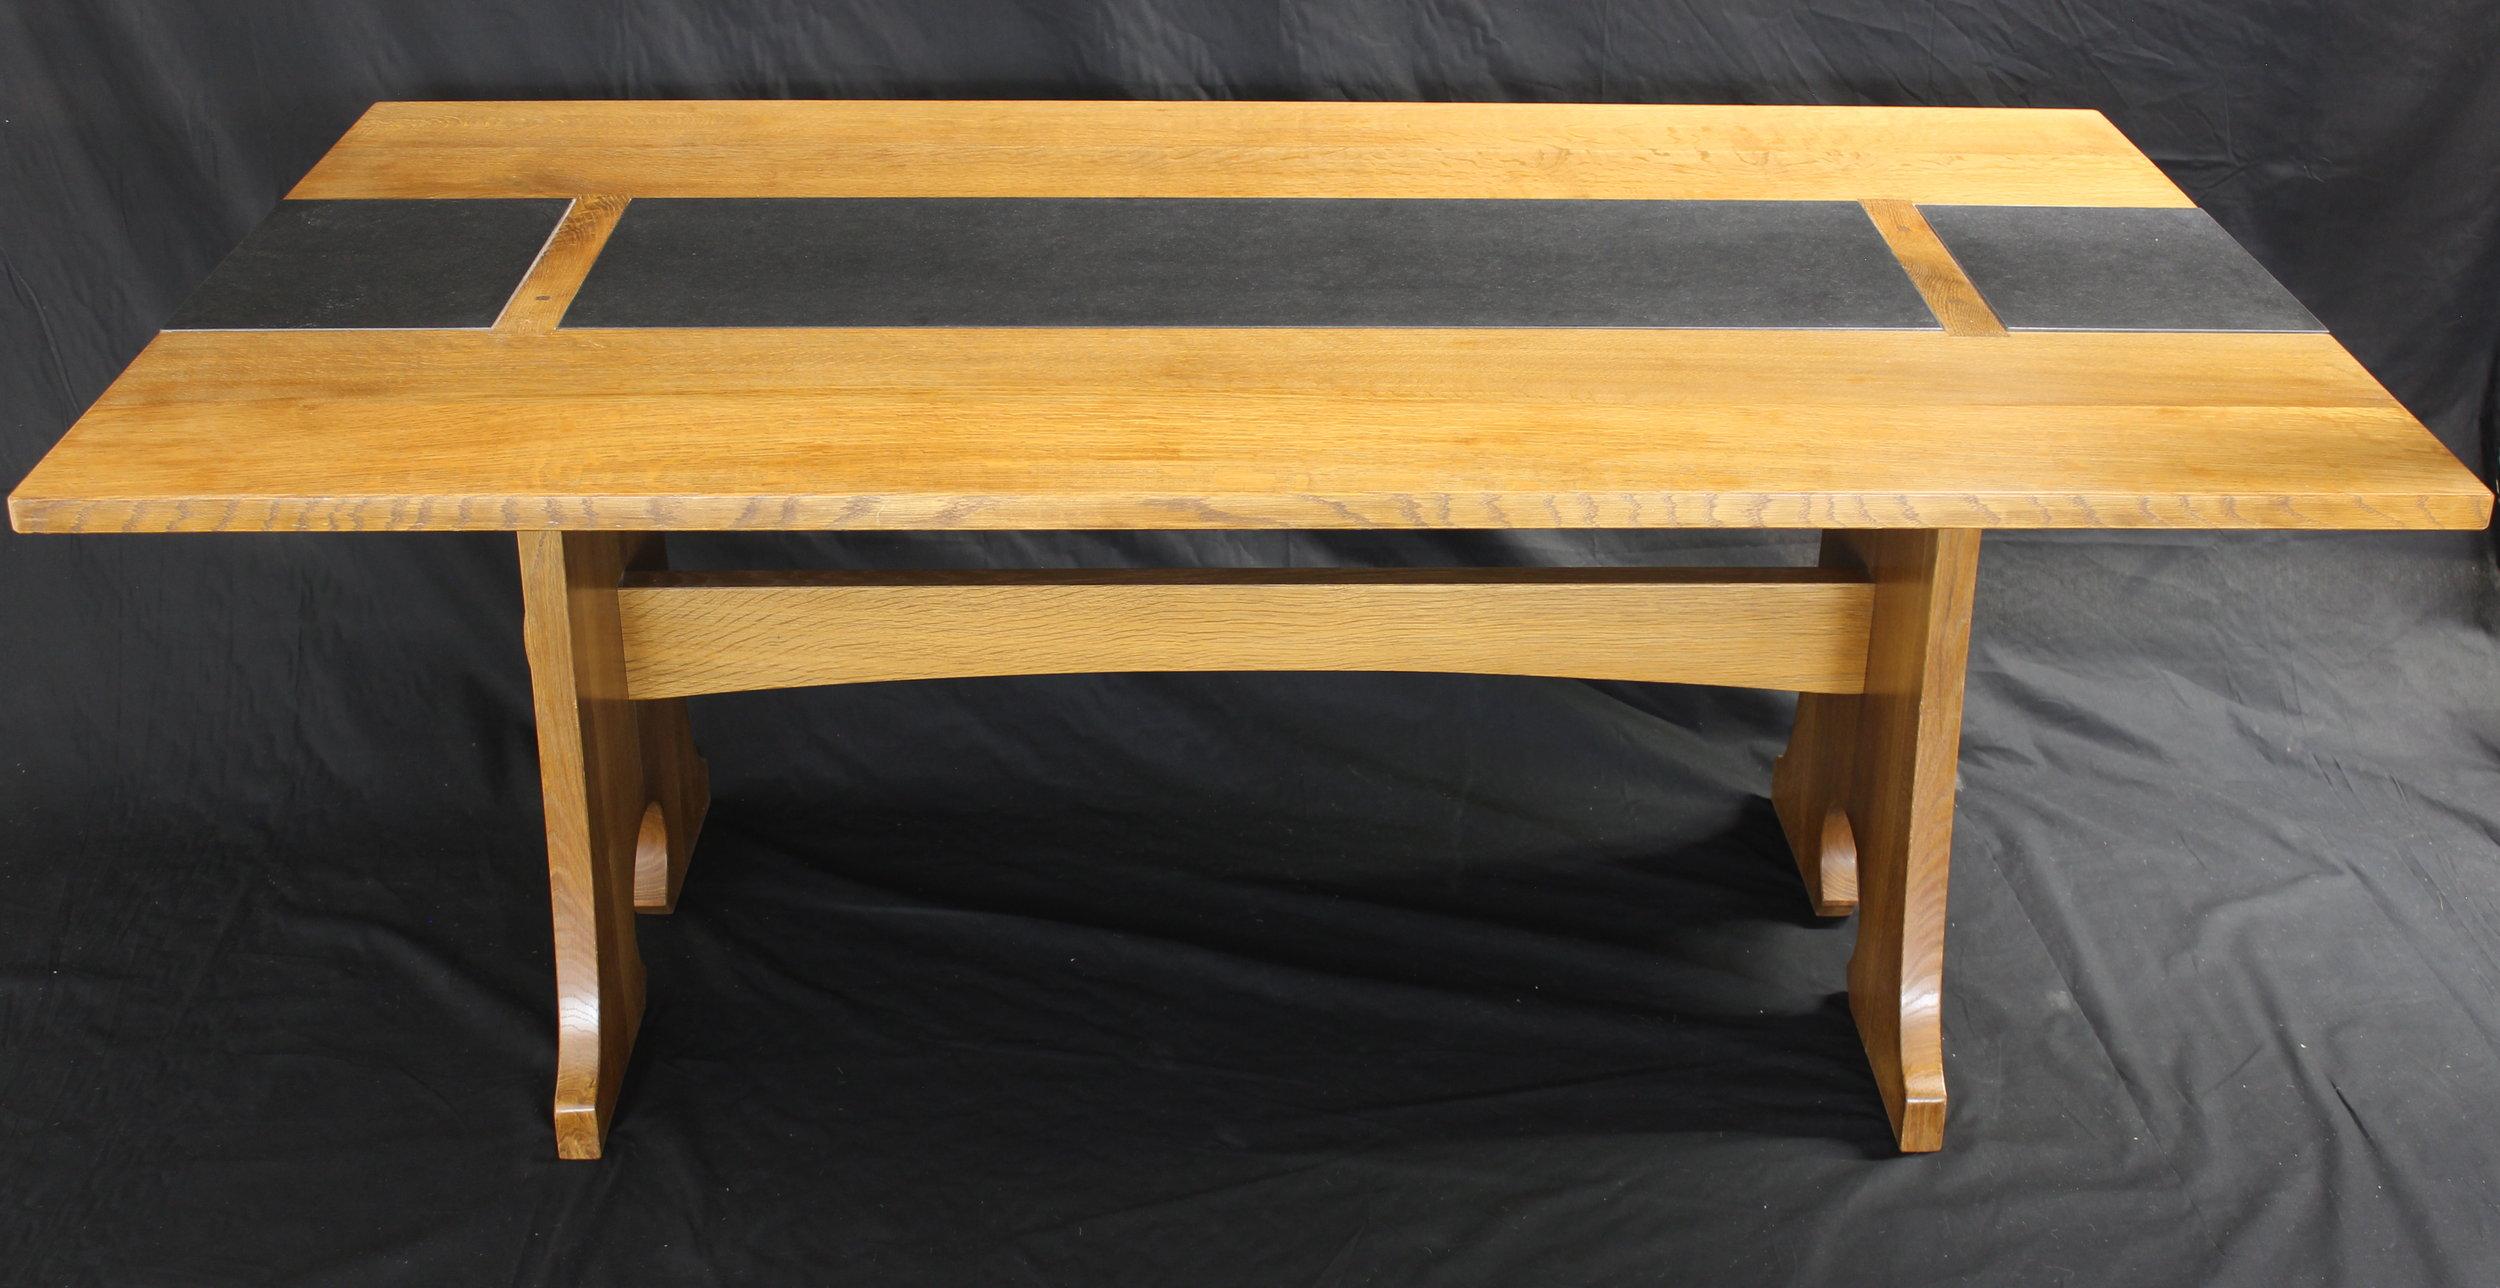 oak dining table side view.JPG